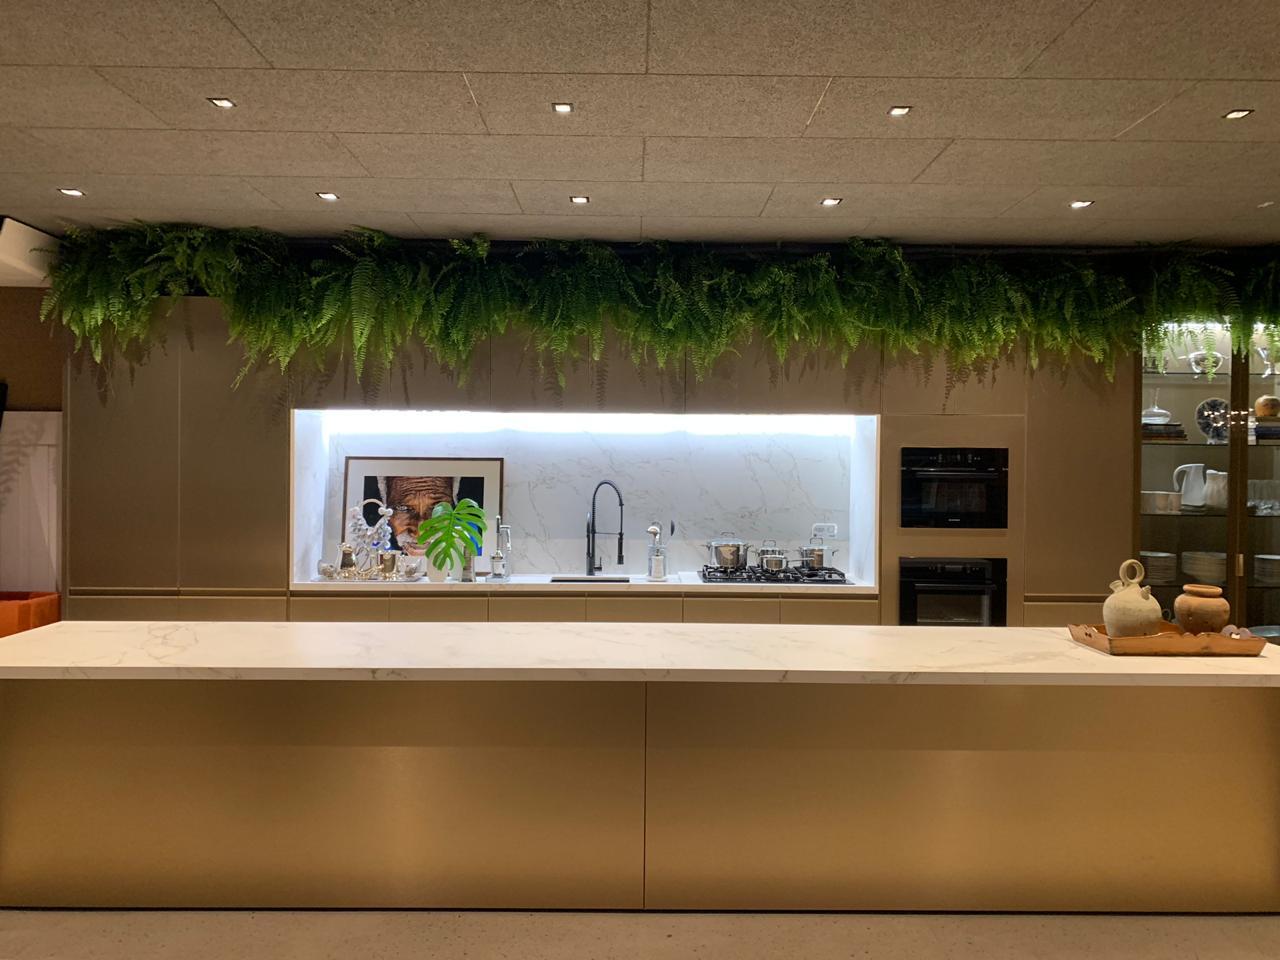 Living do Restaurante by Gustavo Paschoalim. CASACOR SP 2019. BADEBEC. Bar com uma imponente ilha revestida com mármore na bancada, armários dourados, samambaias e teto revestido com a linha Toccare.